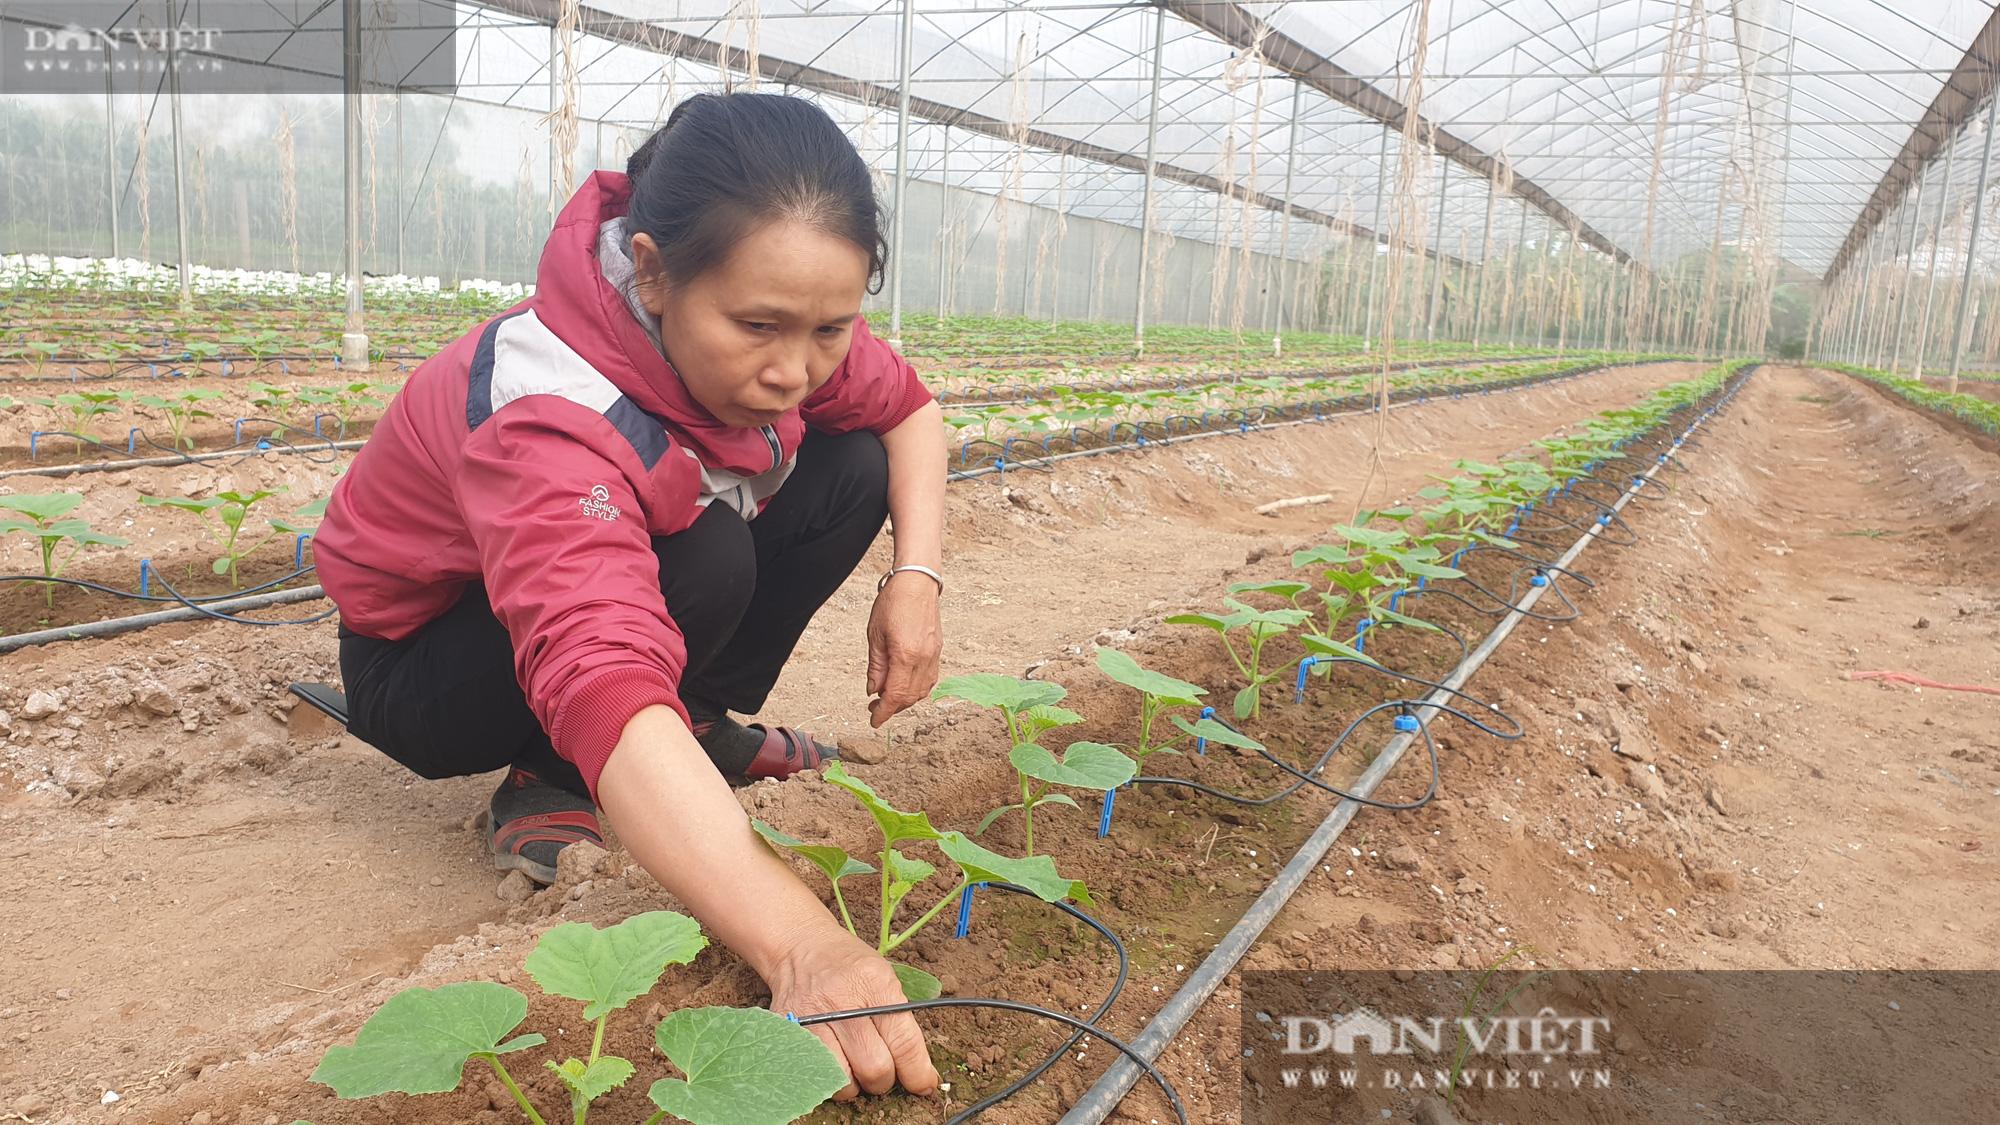 Thái Bình: Đam mê trồng dưa công nghệ cao, U50 bỏ túi hơn nửa tỷ đồng/năm - Ảnh 5.